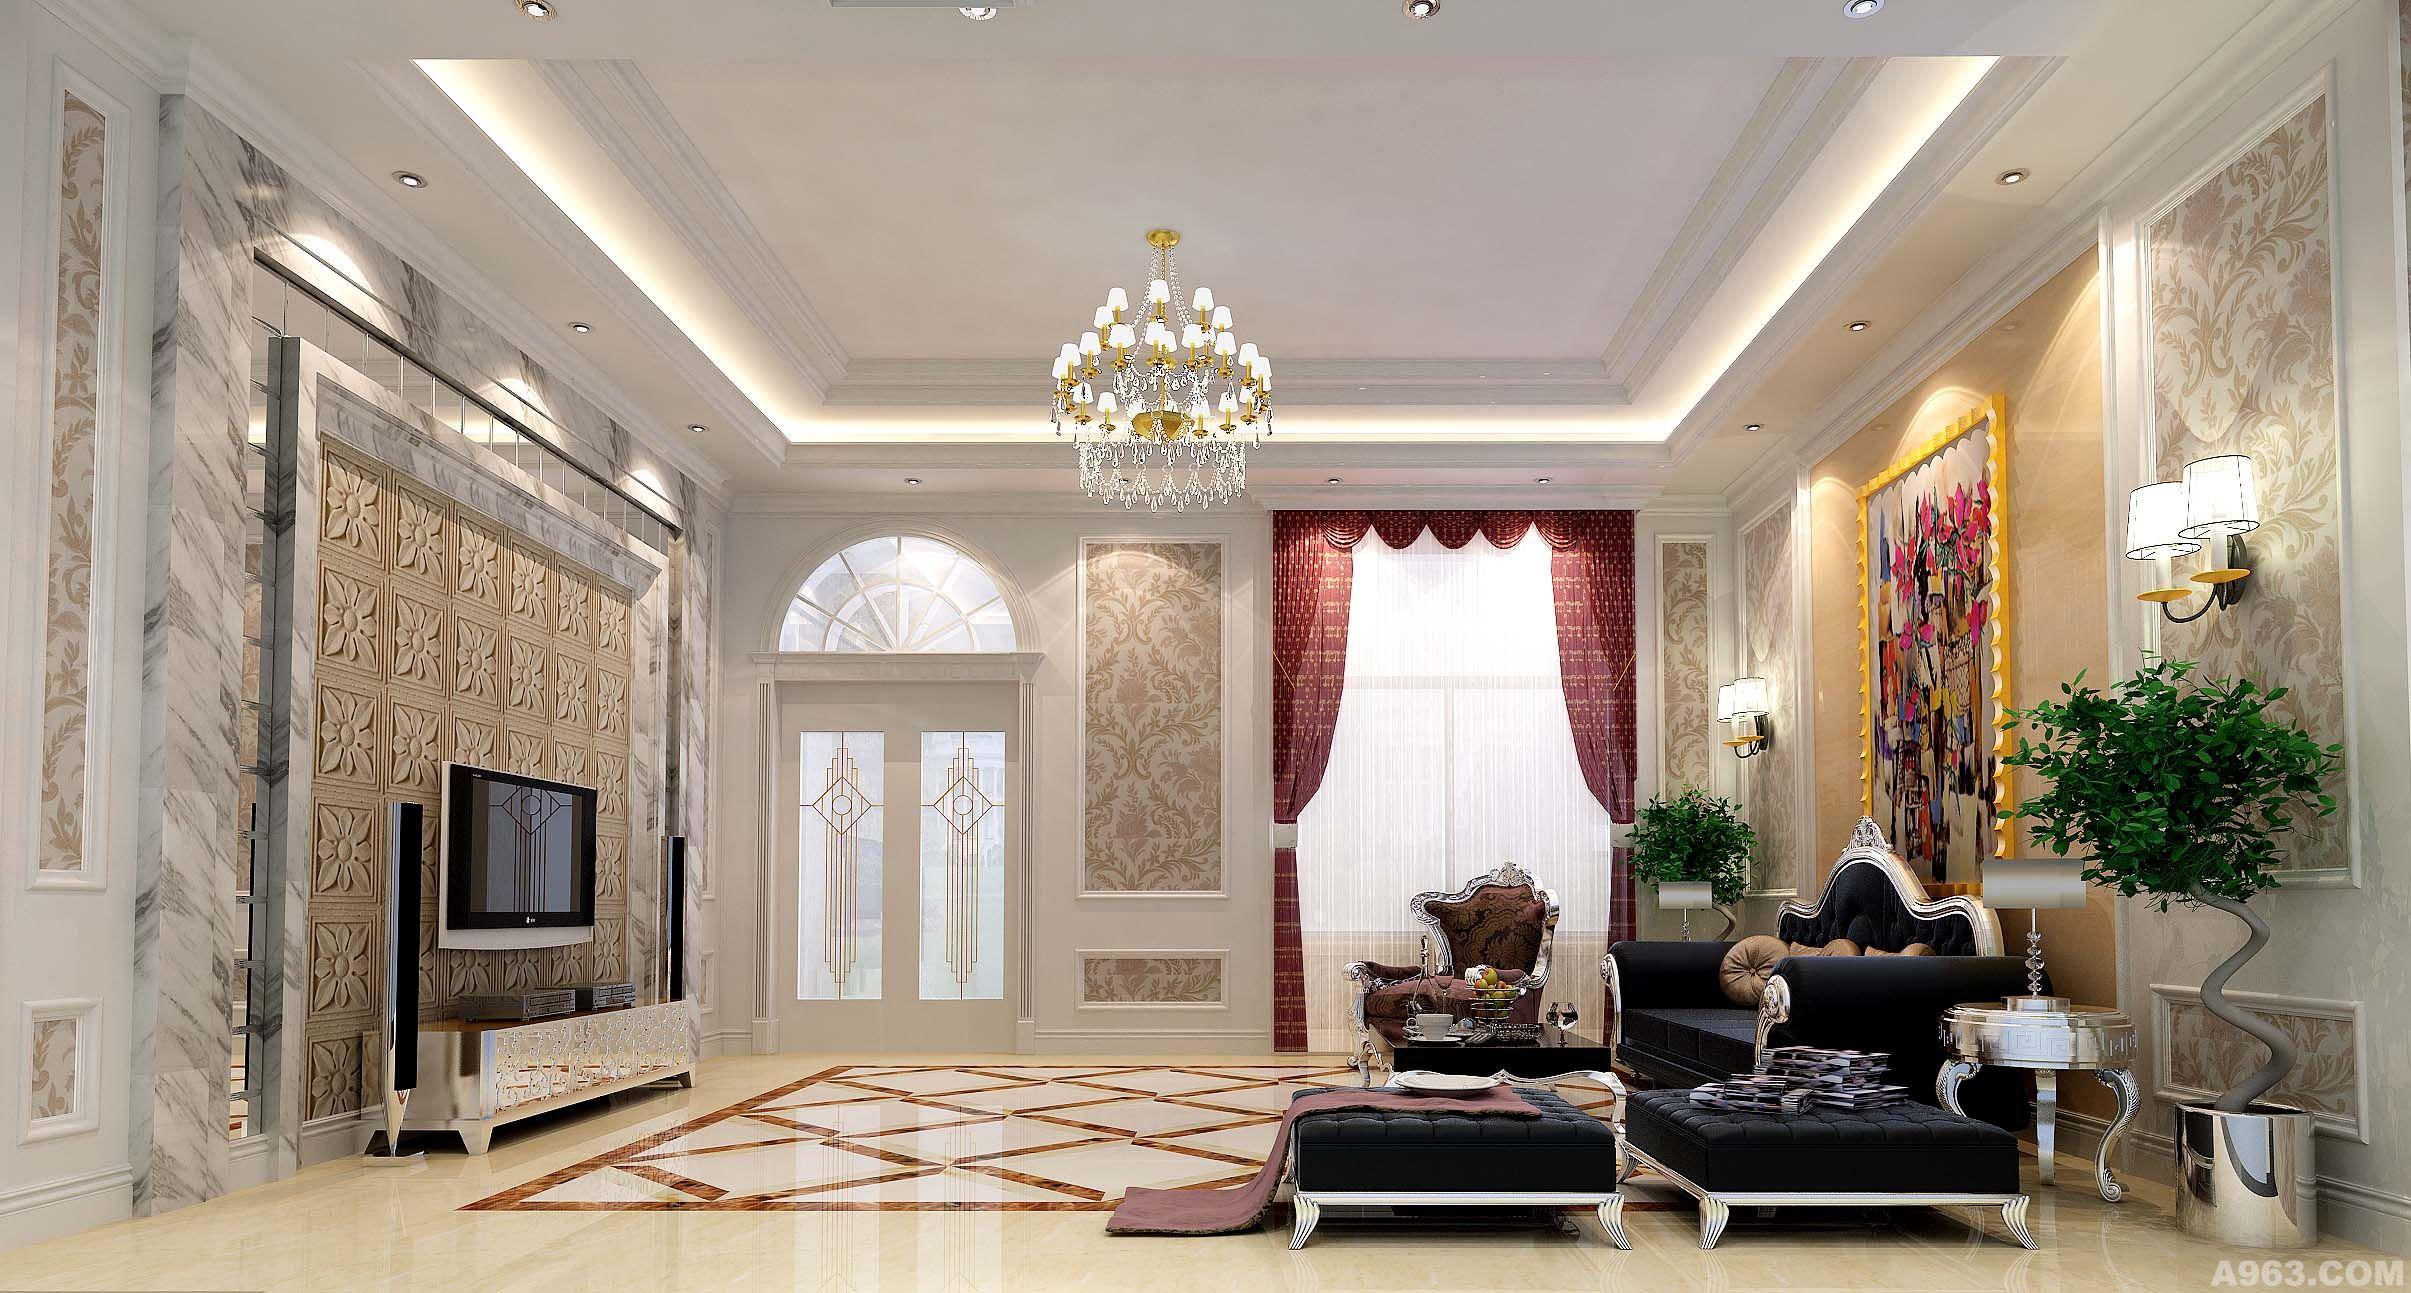 欧式简洁设计 - 别墅豪宅 - 苏州室内设计网_苏州室内